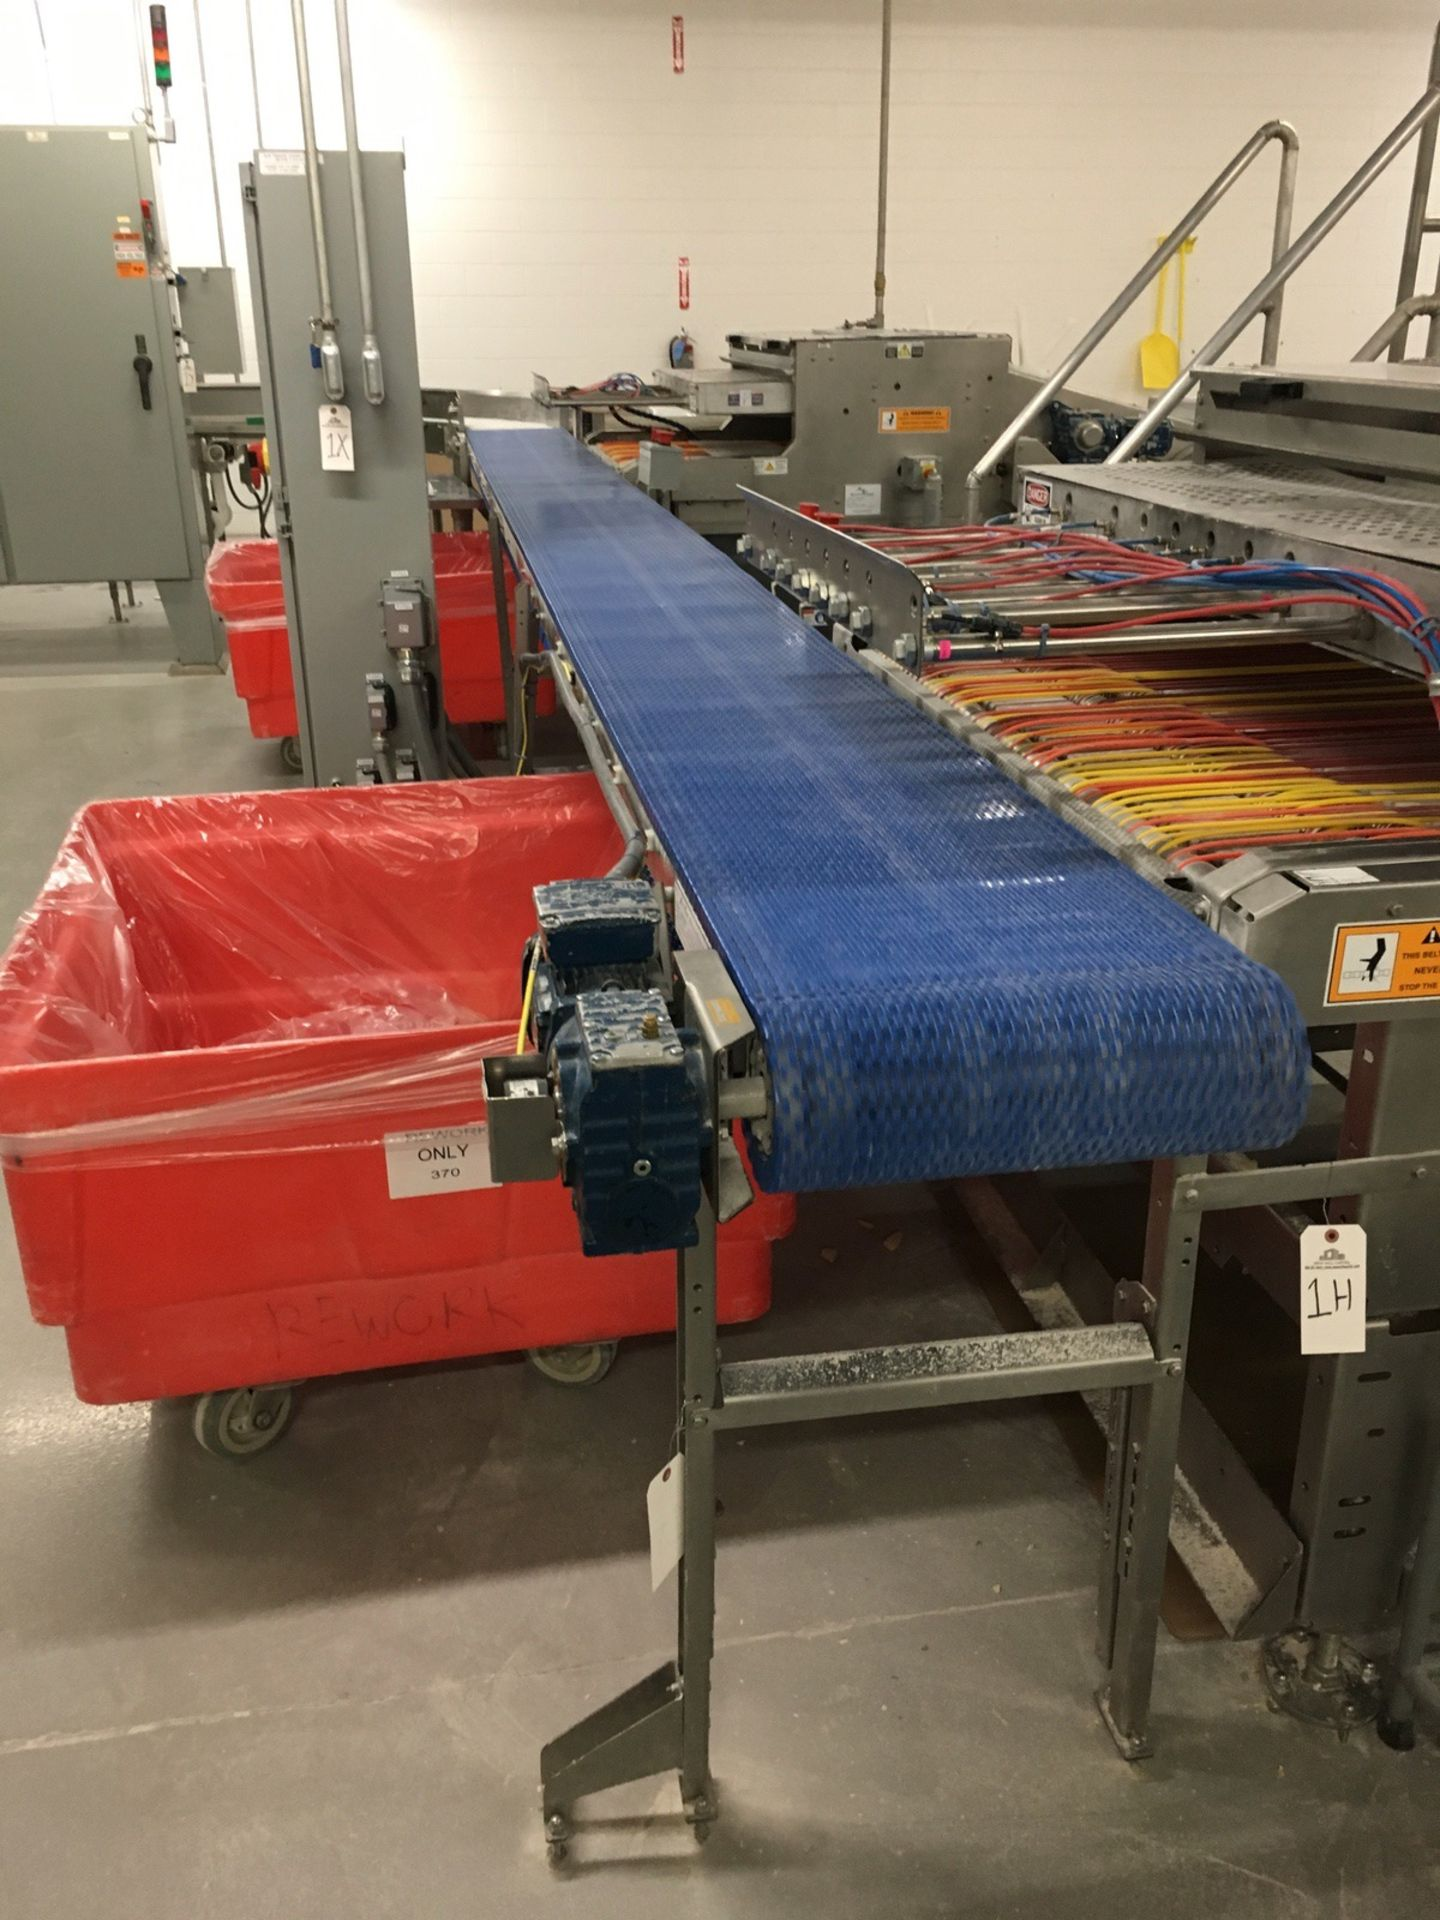 Lot 1J - 2013 Arr-Tech Product Conveyor, 18in W Belt, 23ft Long, S/N A13016 | Insp by Appt | Rig Fee: 125